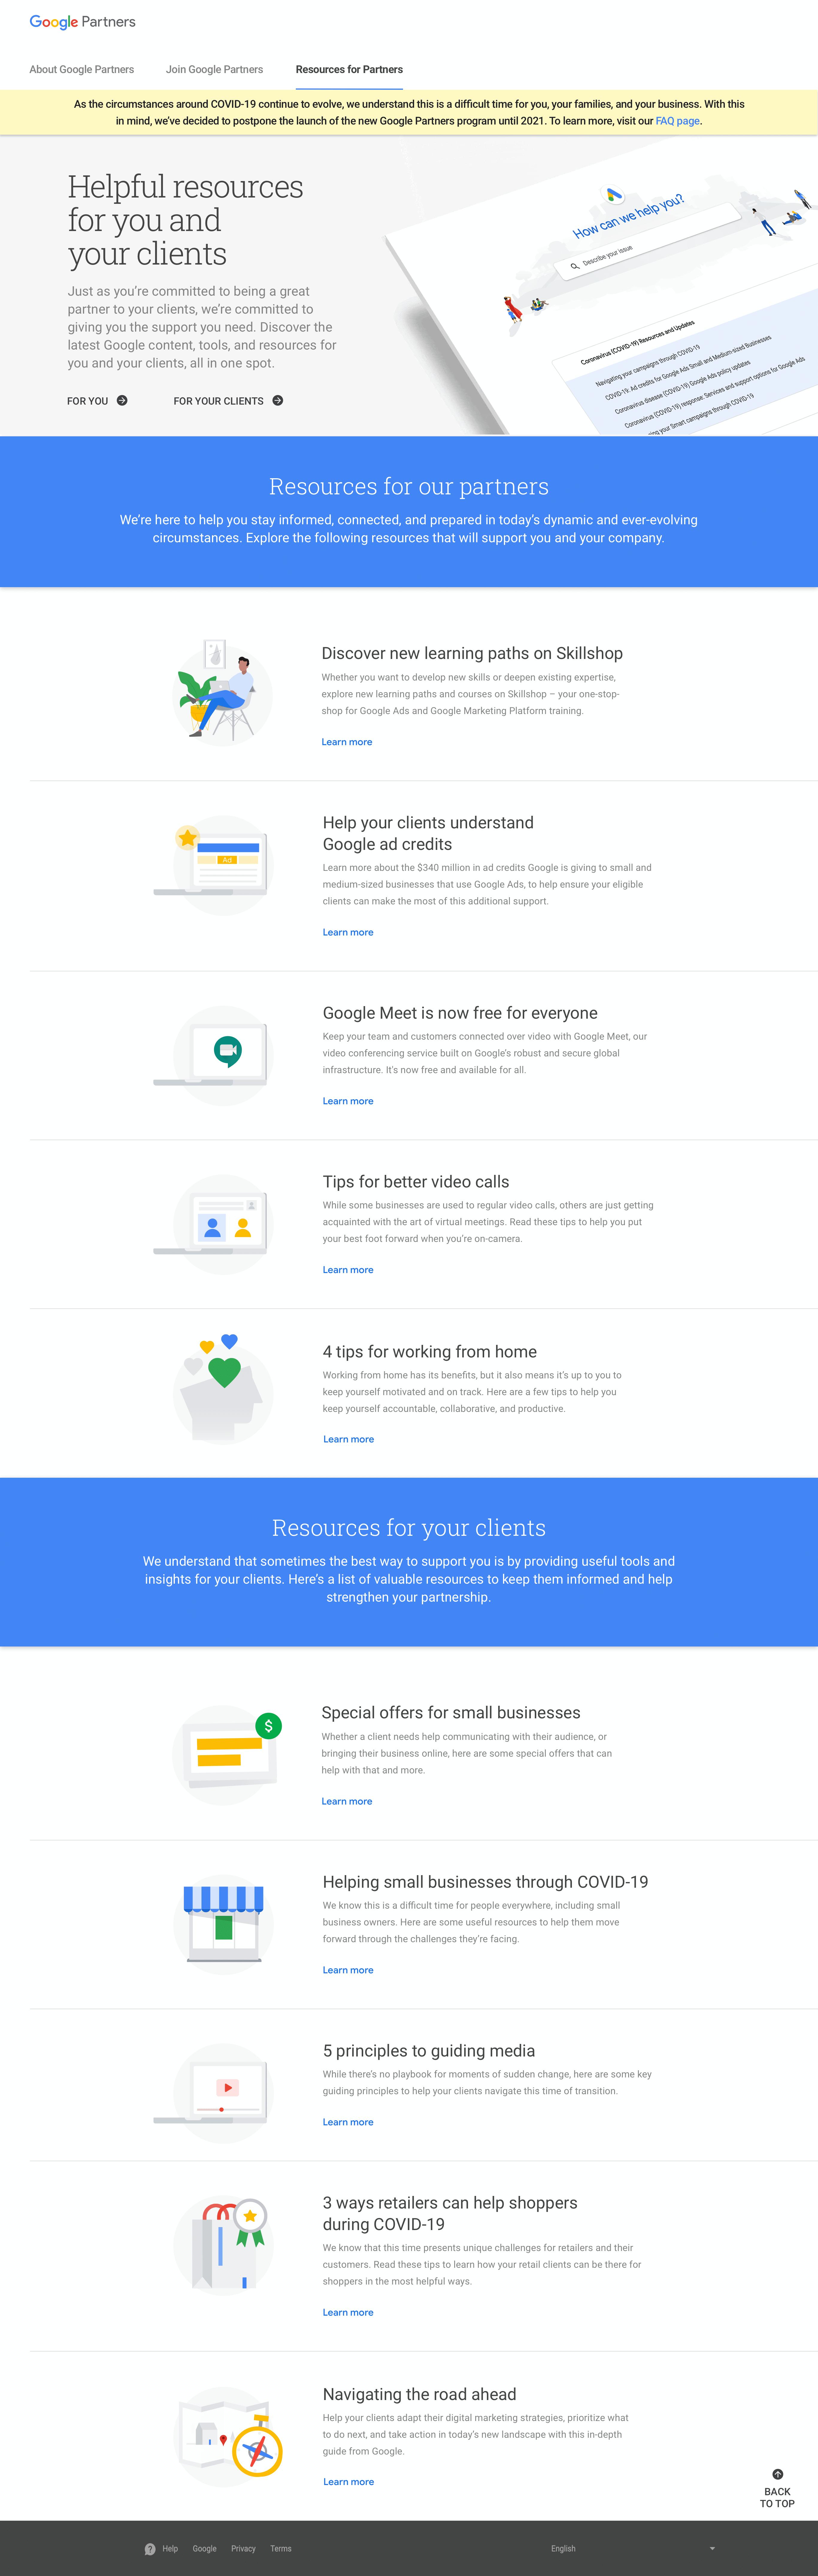 Google Partners Resources [D] US_2x